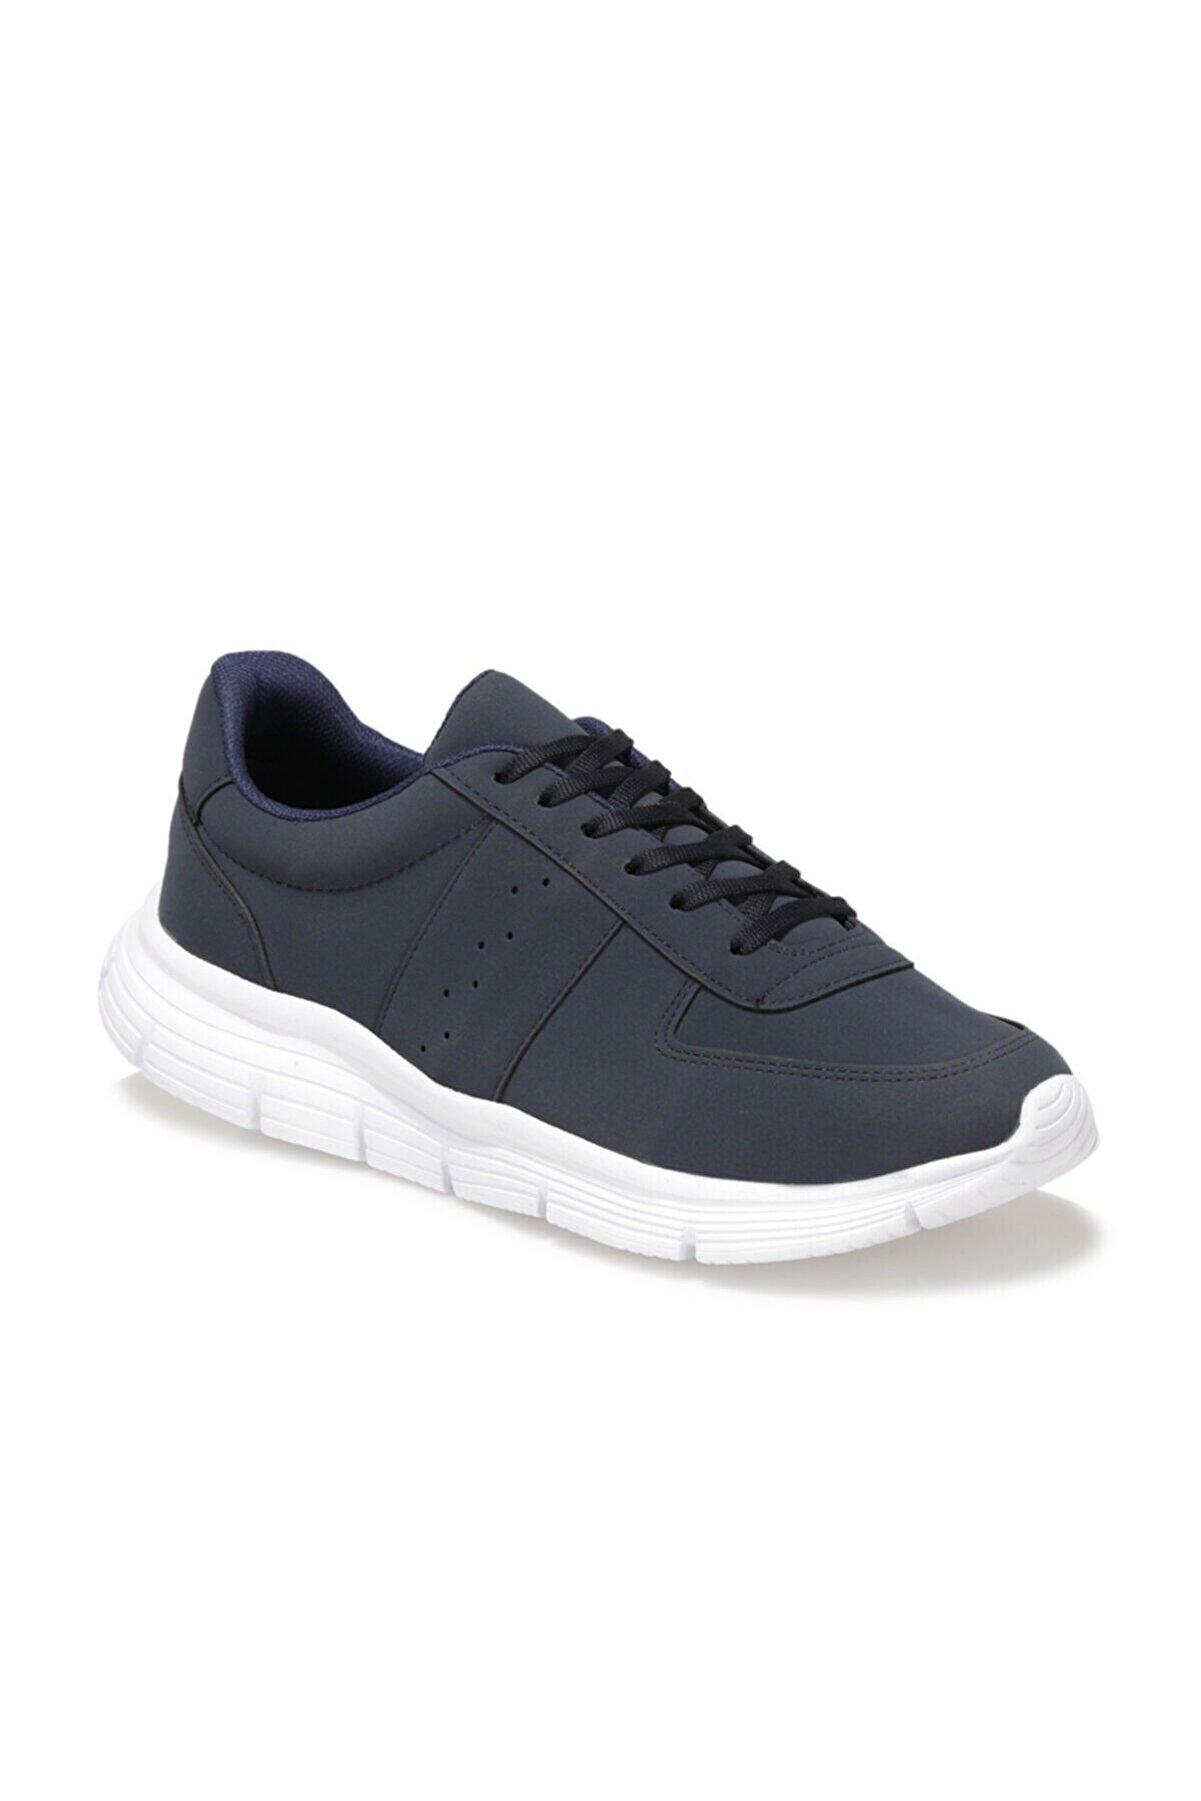 Polaris 356746.M1FX Lacivert Erkek Sneaker Ayakkabı 100936420